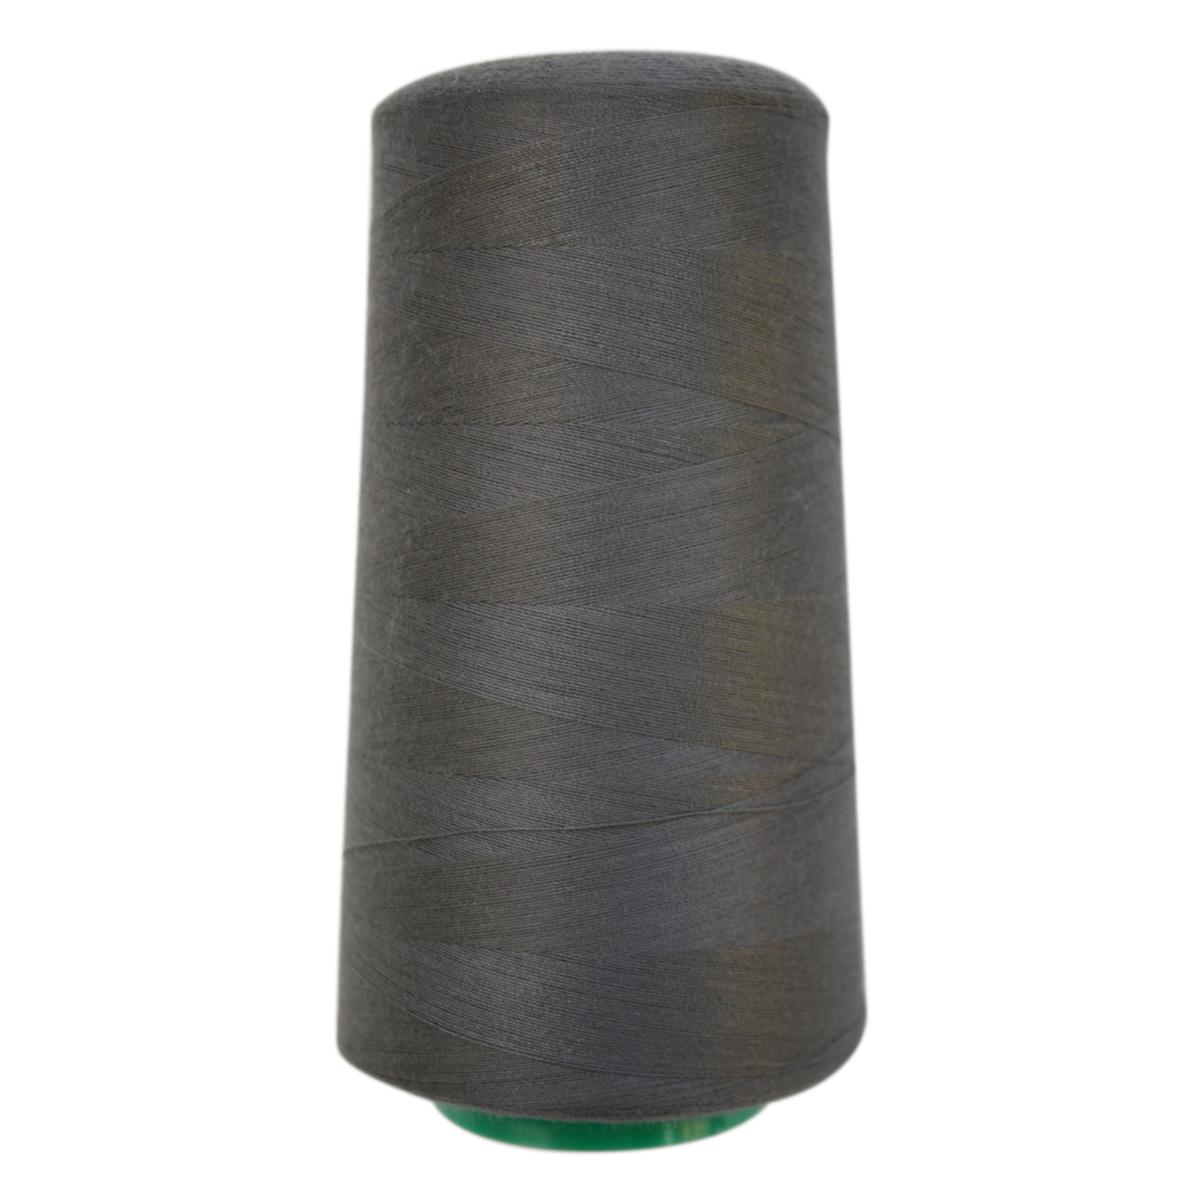 Нитки для шитья Bestex 50/2, 5000 ярд, цвет: сажа (272)7700936-272Сфера использования: трикотаж; ткани малого веса; оверлочные швы; отделка краев; вышивка. Размер игл №70-80